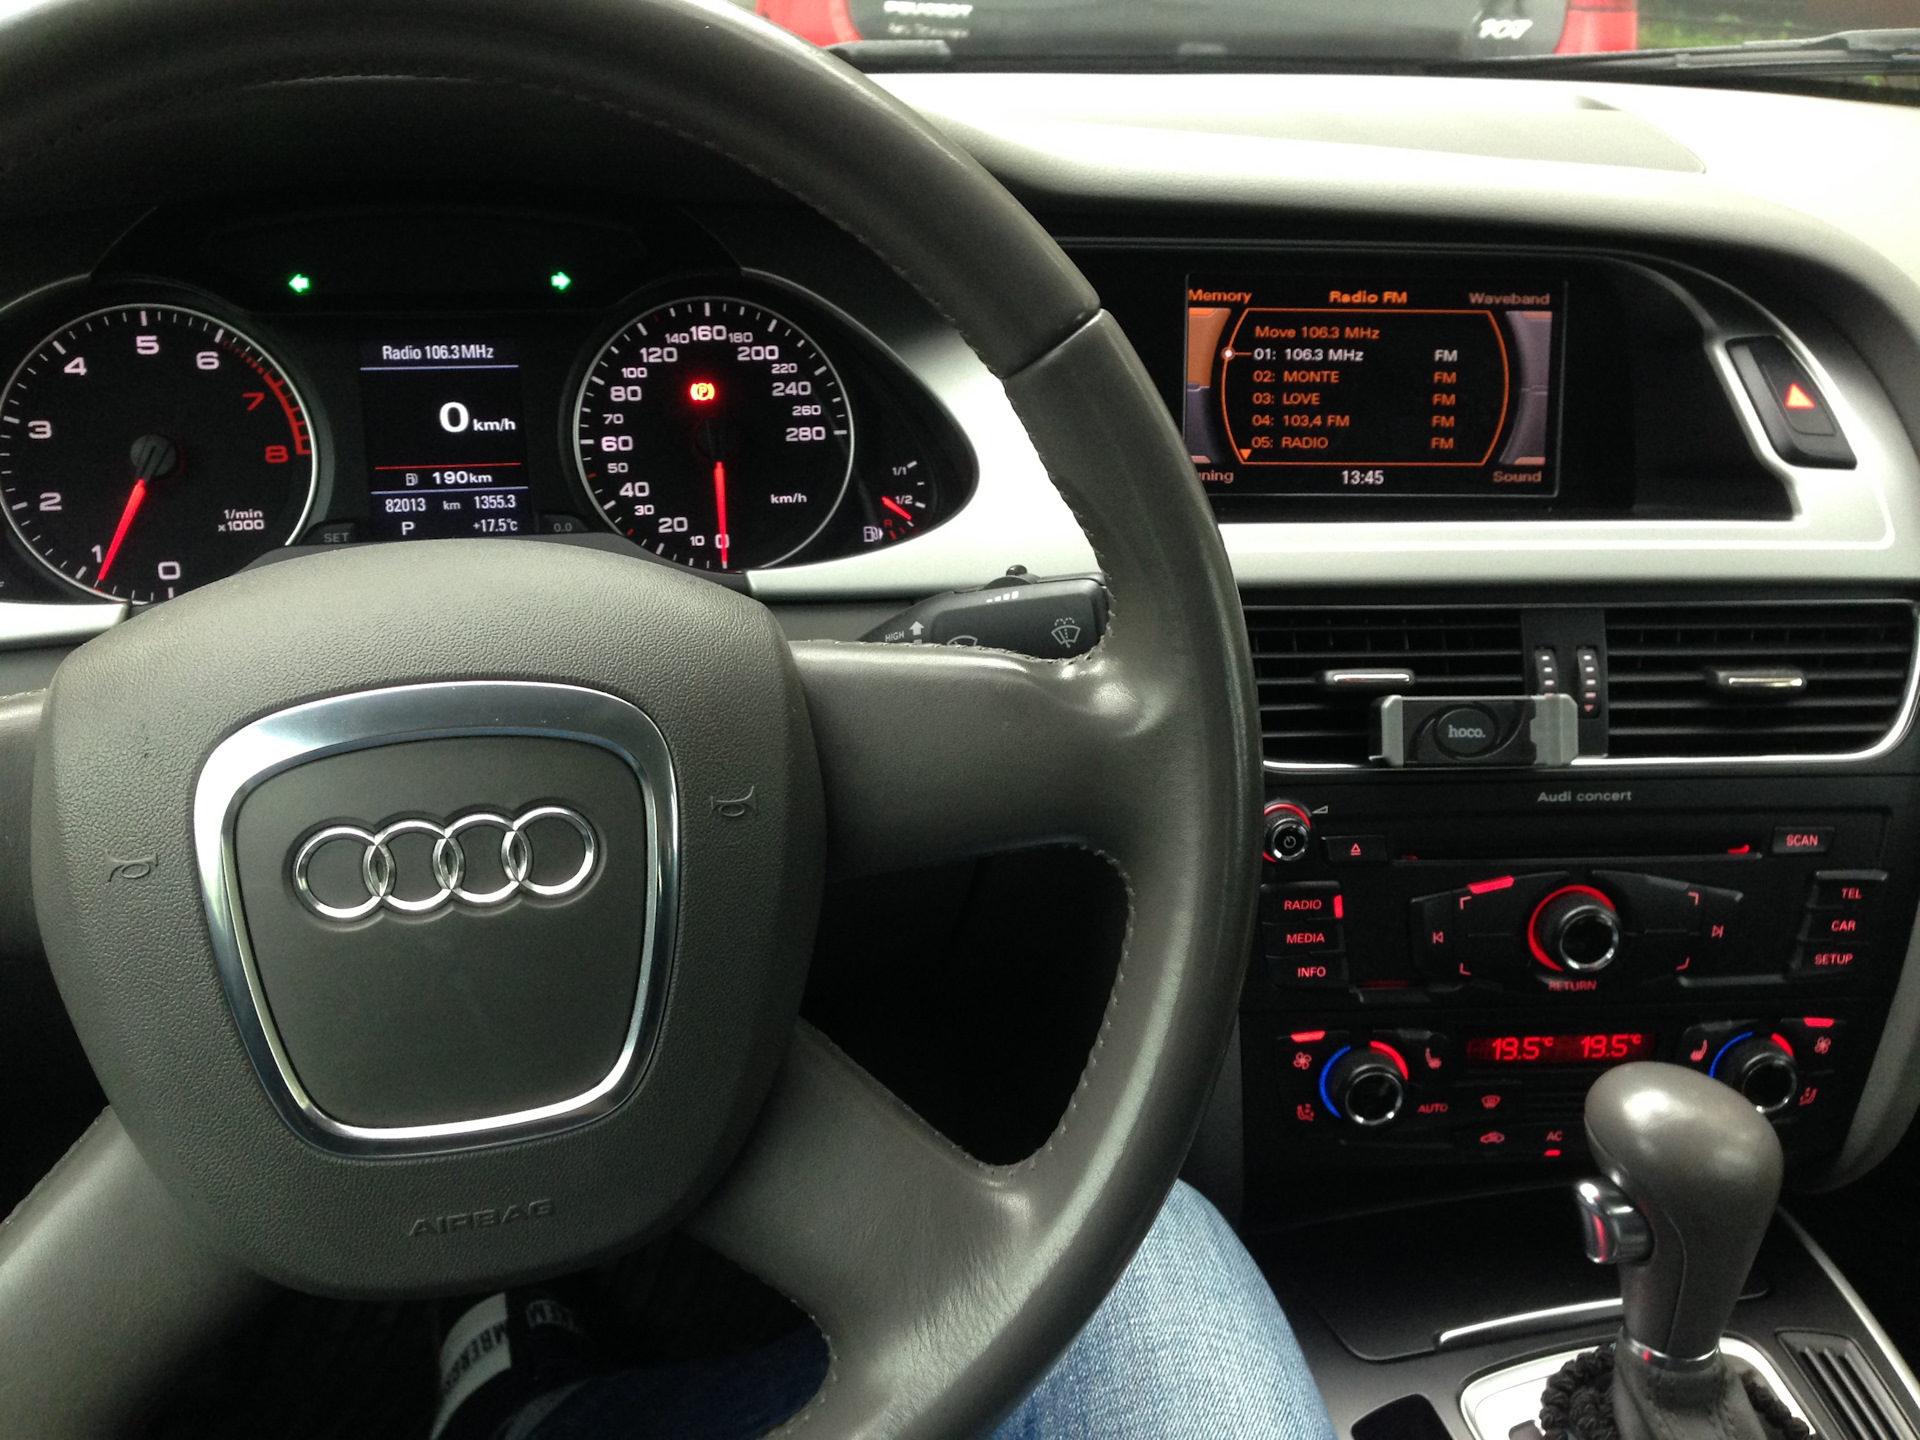 Эксперт Половников дал советы по безопасному использованию смартфона за рулем автомобиля